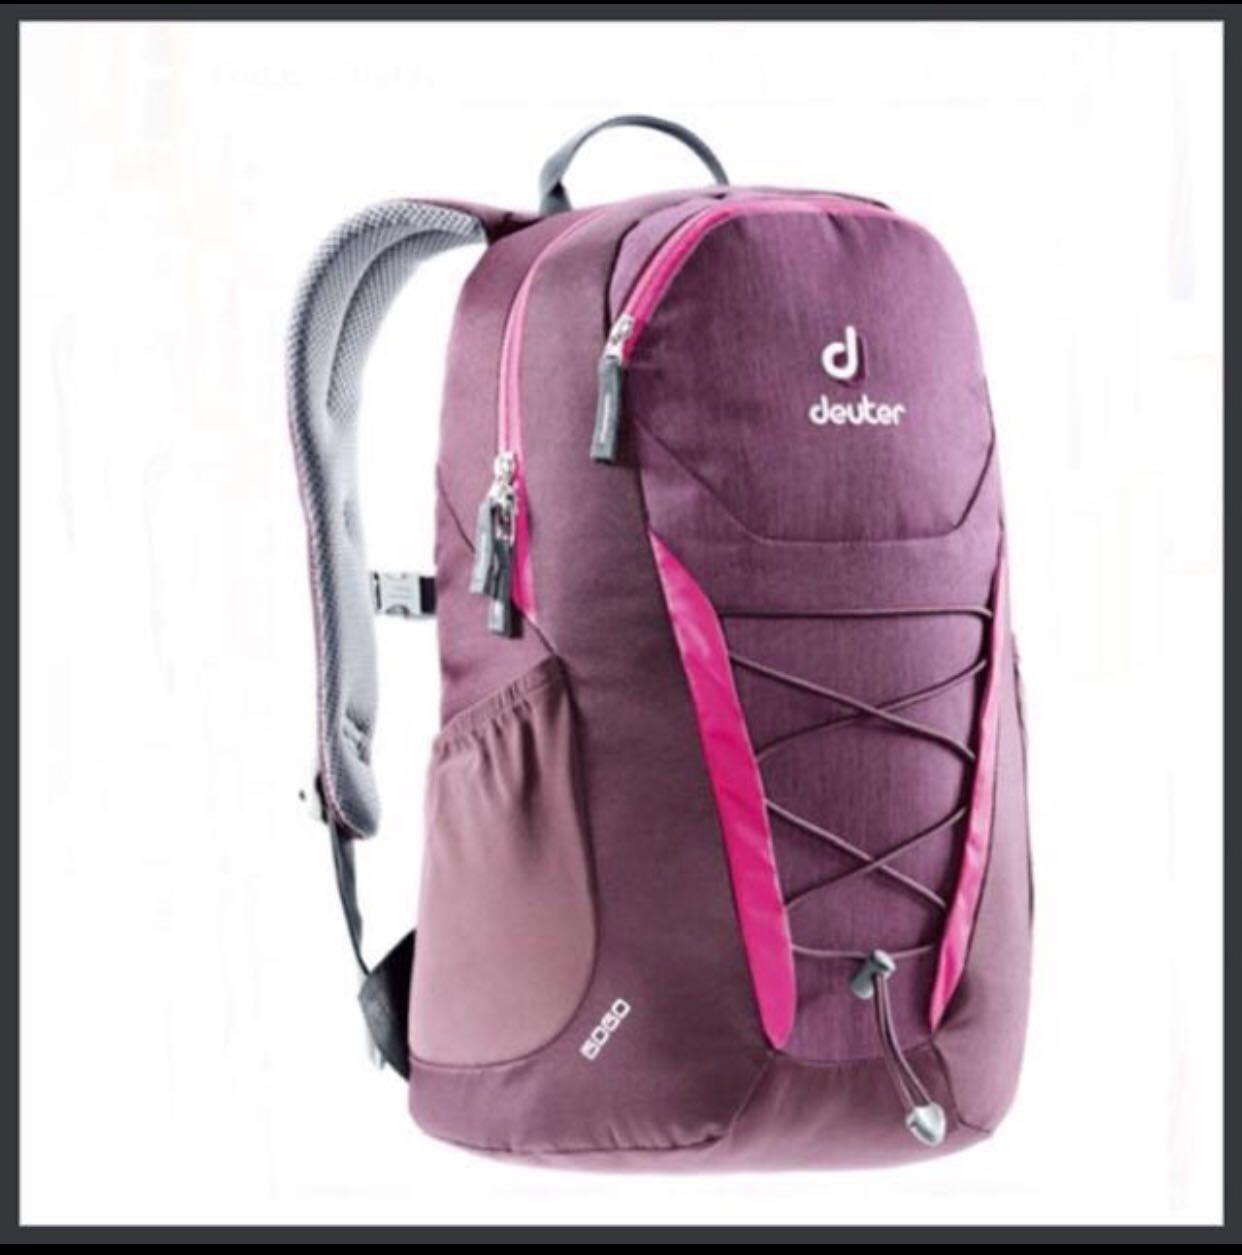 91f29acb0706 💚2019💚 Deuter GOGO [Blackberry Dresscode] Daypack Backpack School ...